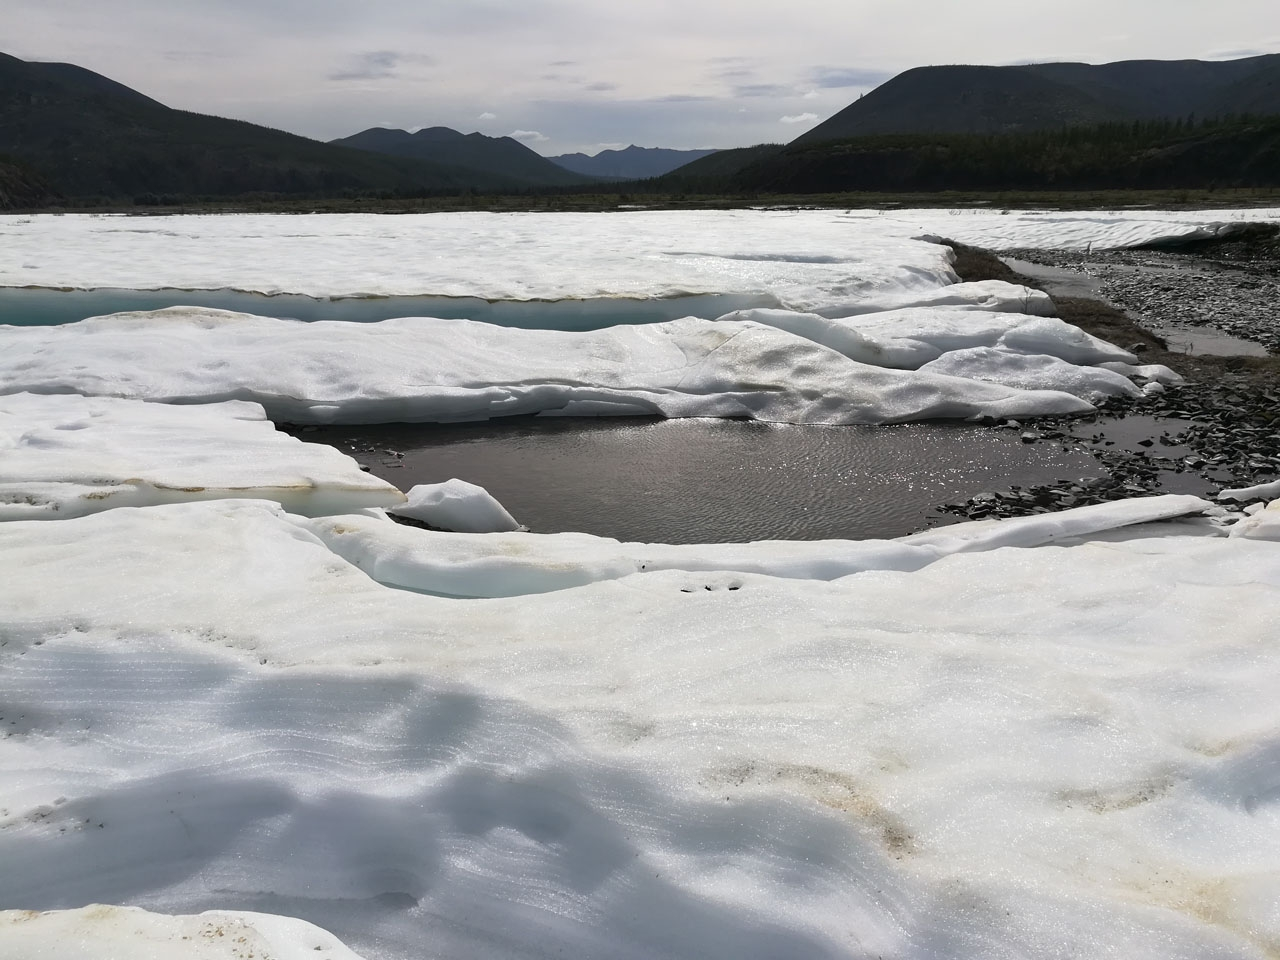 Ледник в солнечных лучах.